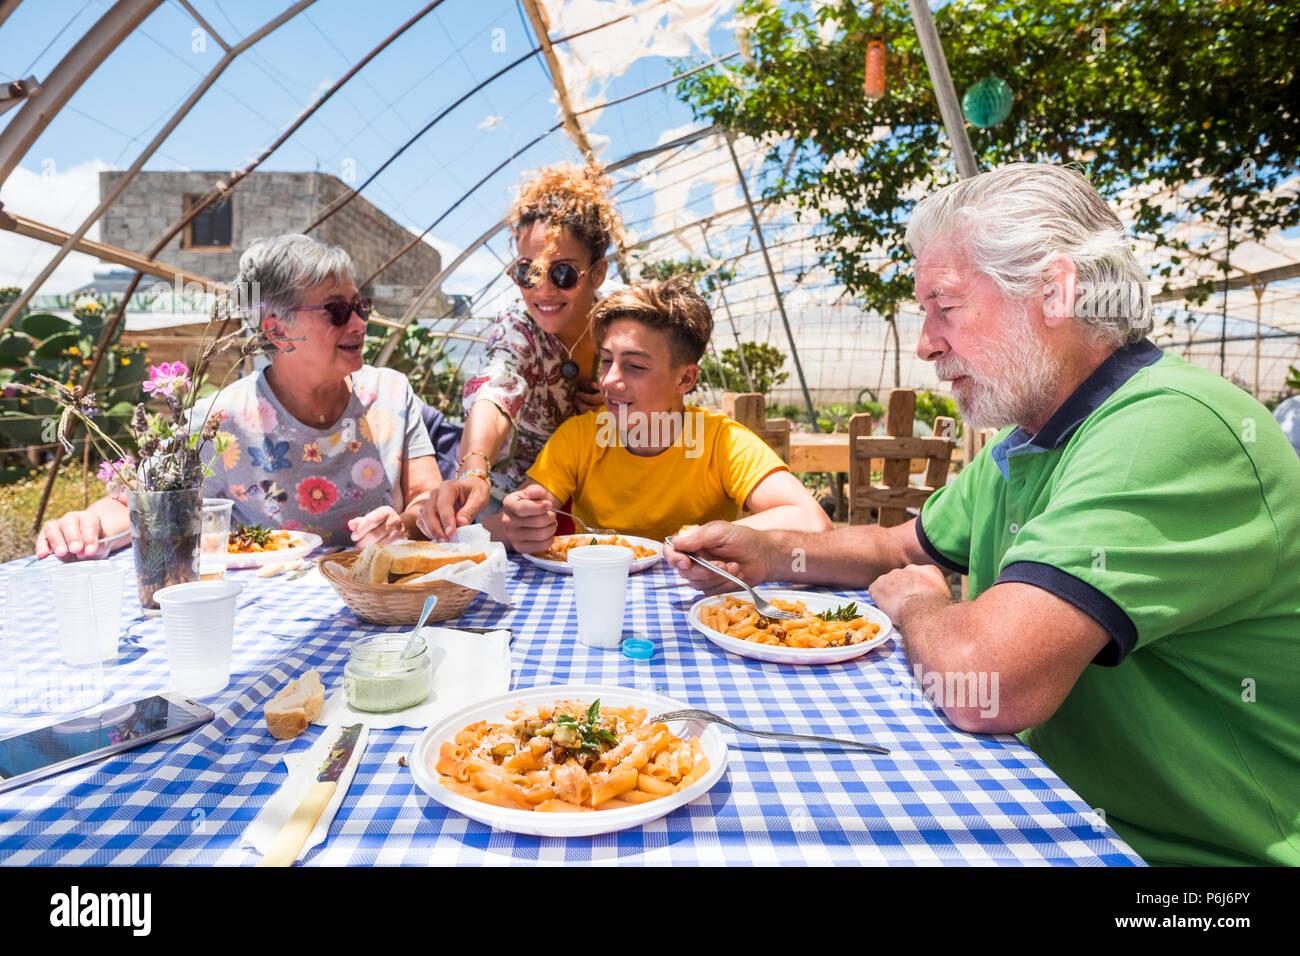 Bel tempo libero attività outdoor in naturale ristorante bio per la bella bella famiglia caucasica con tutte le generazioni di giovani a vecchi. madre e figlio, grand Immagini Stock